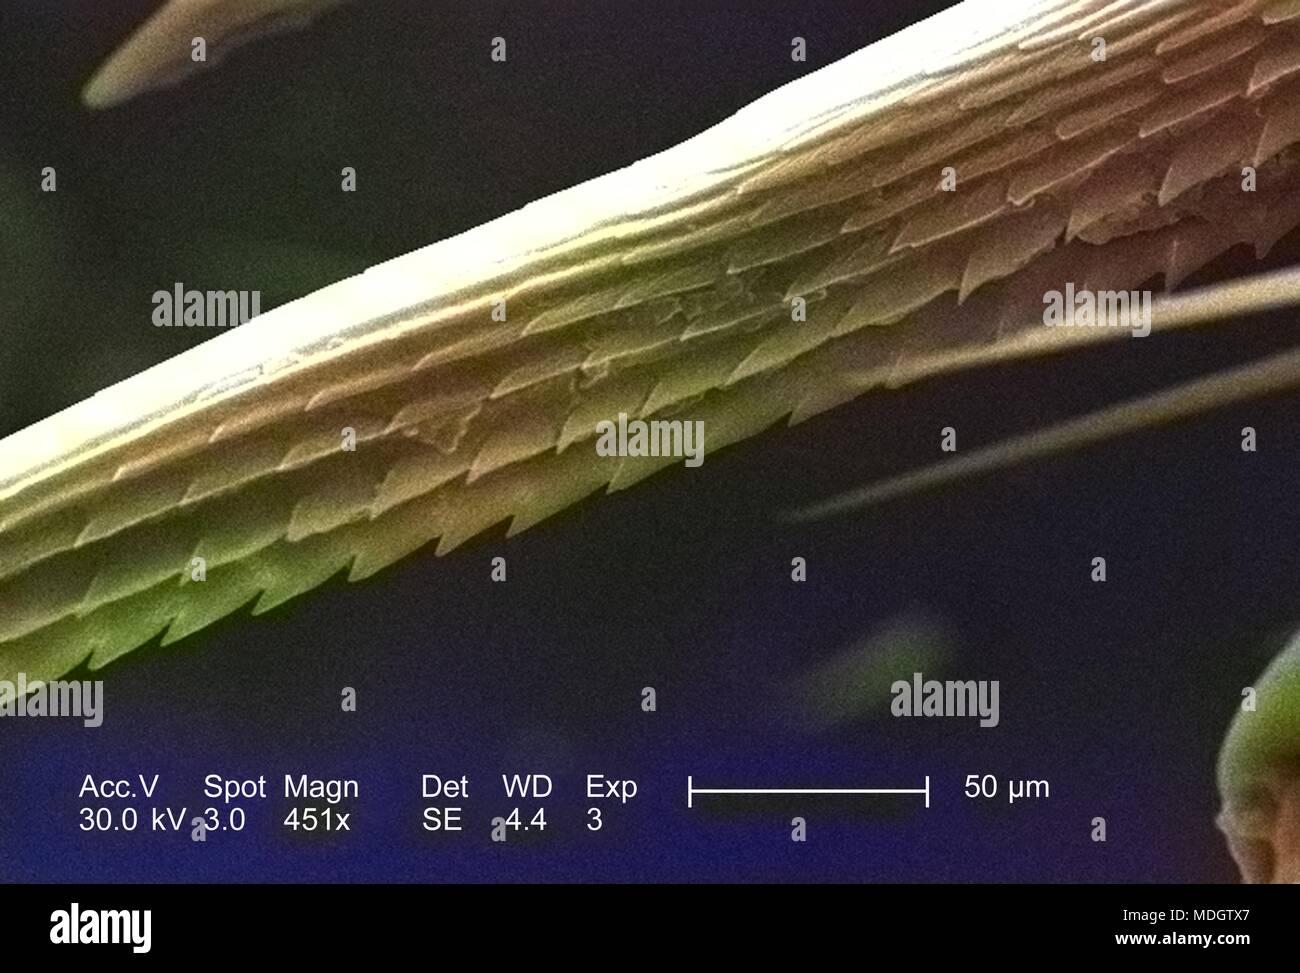 Morfología anatómica en la púa exoskeletal anexial de un desconocido Roach, representado en la 451x magnificada análisis microscópico de electrones (SEM) de imagen, 2005. Imagen cortesía de los Centros para el Control de Enfermedades (CDC) / Janice Haney Carr, Connie Flores. Nota: la imagen ha sido coloreada digitalmente mediante un proceso moderno. Los colores pueden no ser científicamente precisa. () Imagen De Stock